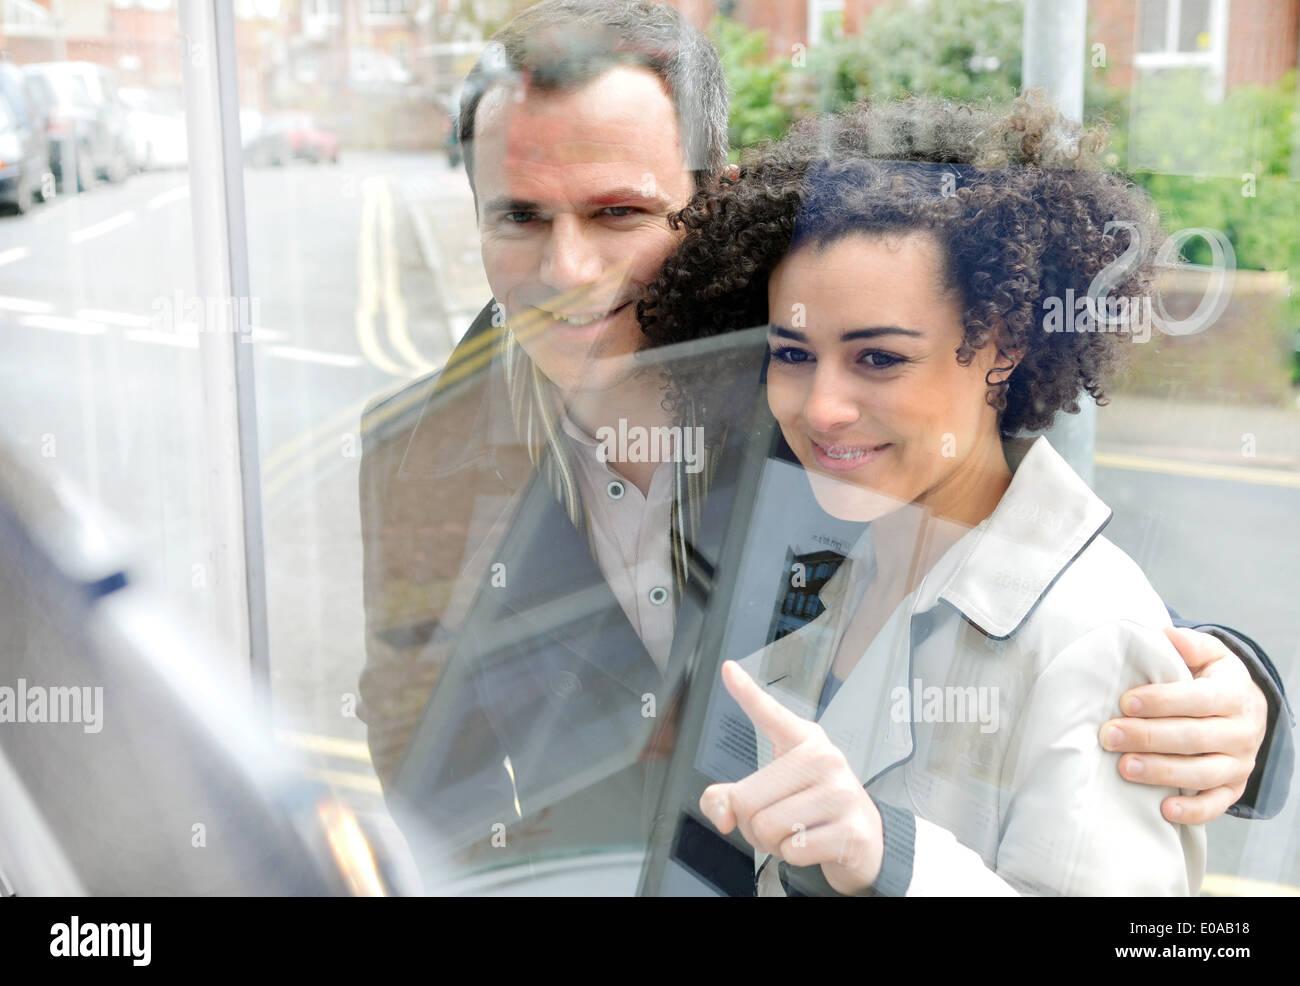 Paio di window shopping, giovane donna rivolta Immagini Stock